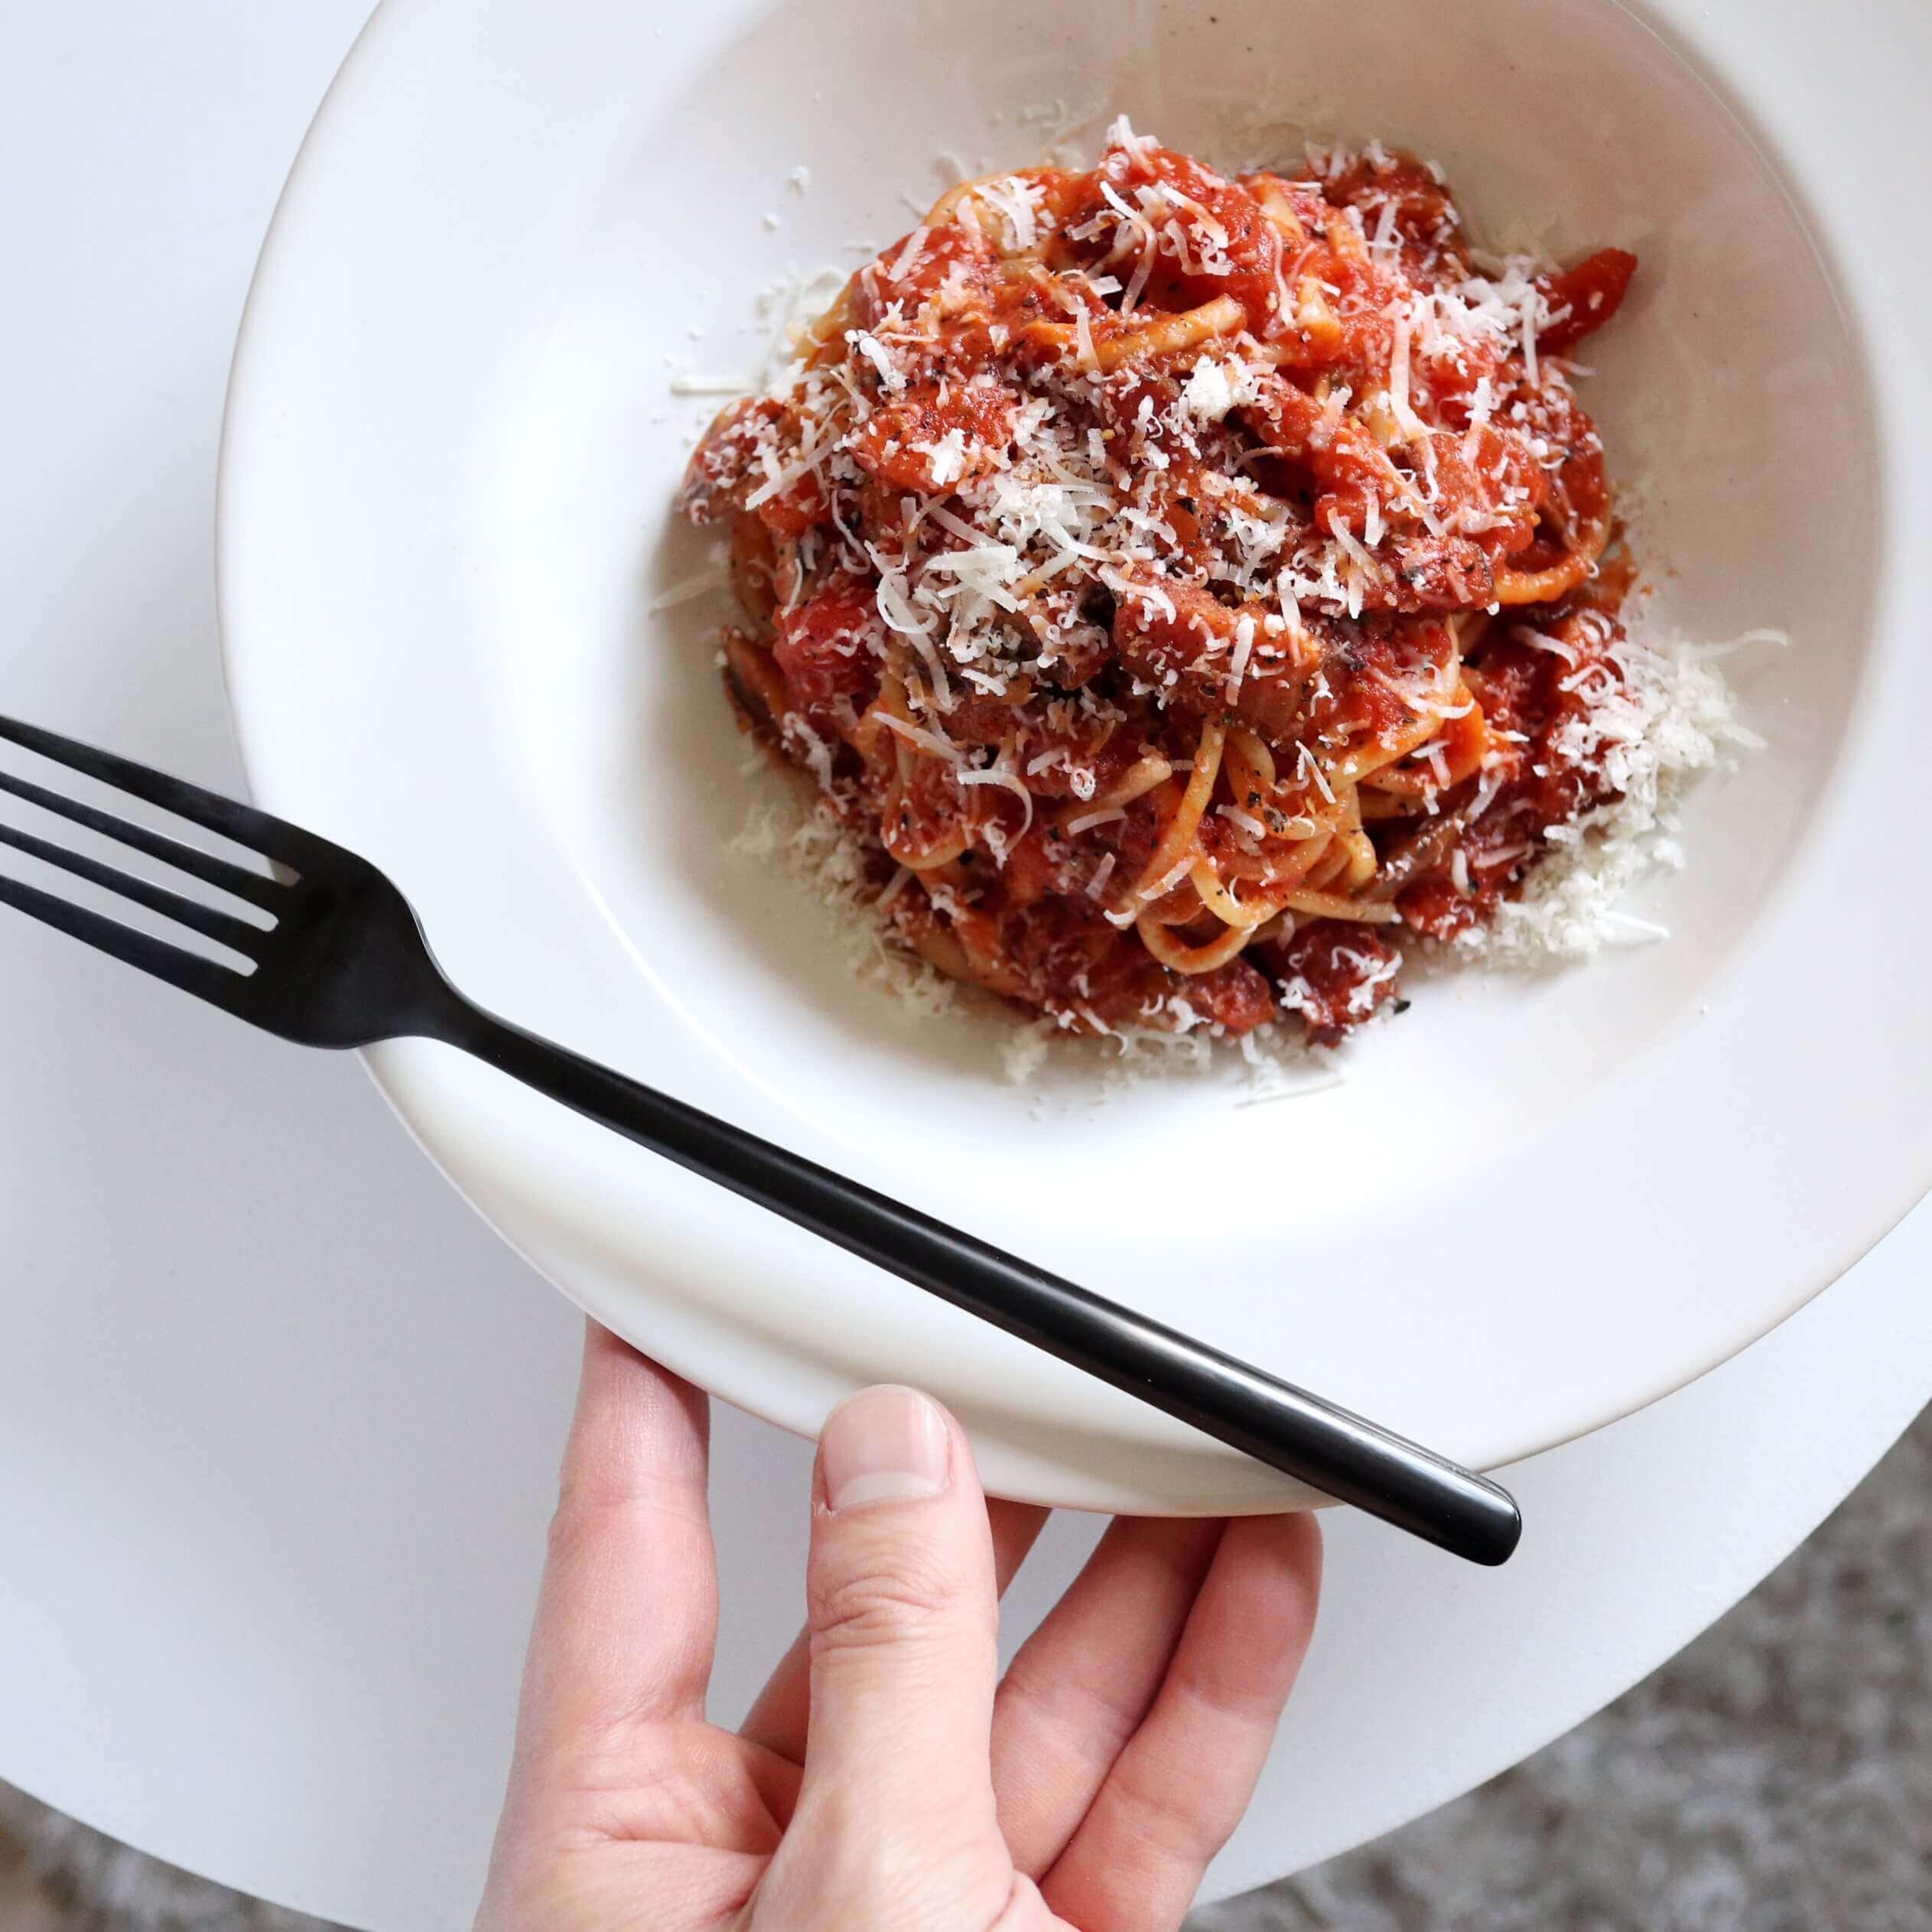 【旨み溢れる!】ベーコンとマッシュルームのトマトパスタのレシピ